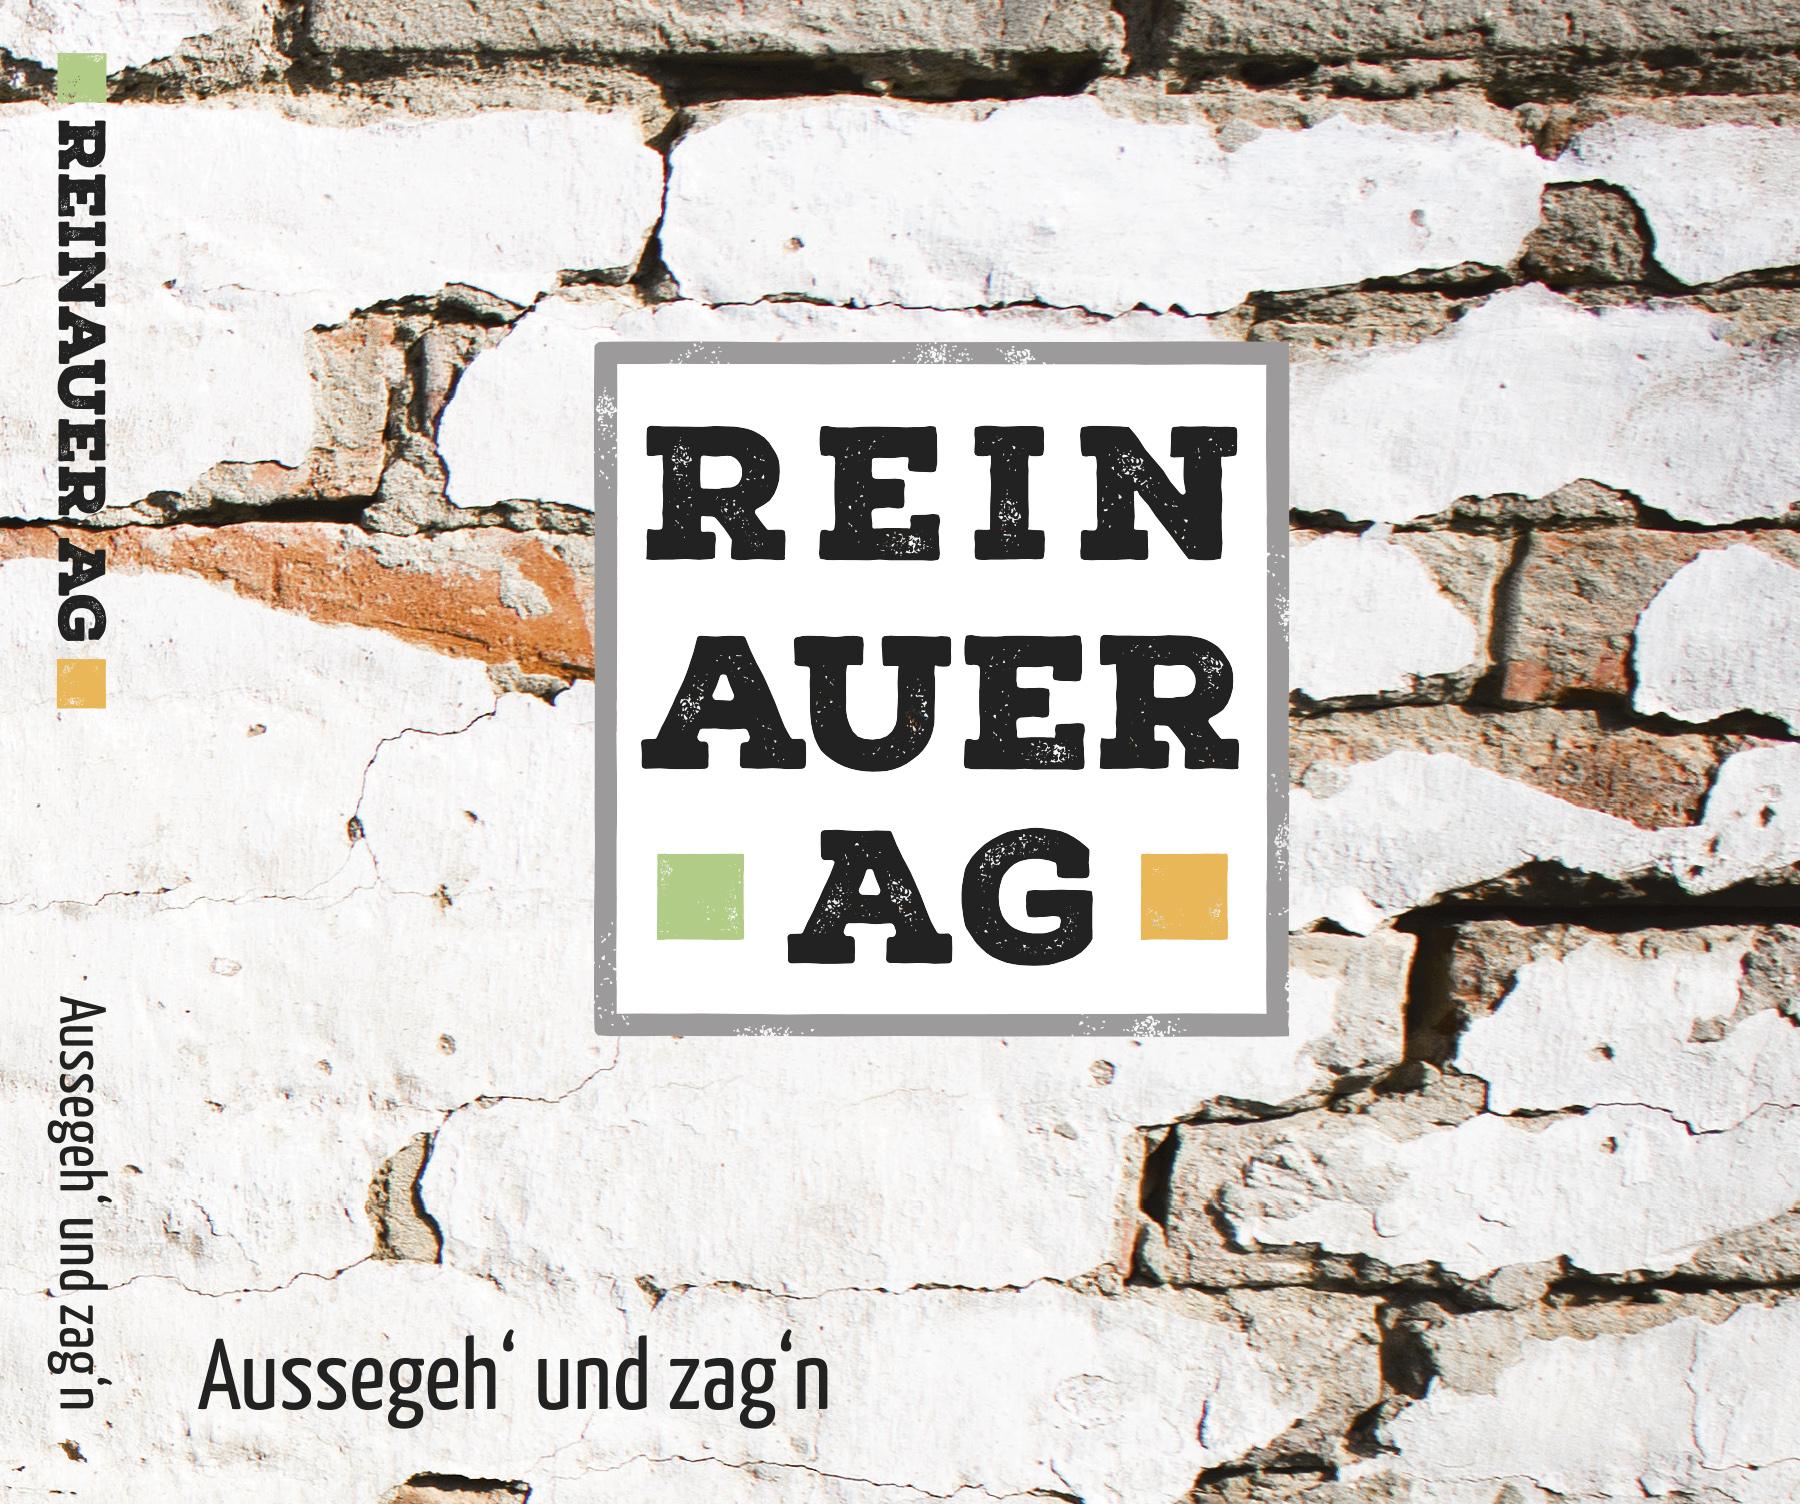 Cover der CD der REINAUERAG, abgewitterte Ziegelwand im Hintergrund, iin der Mitte im Vordergrund das quadratische Logo der REINAUERAG, links unten der CD Titel Aussegeh´ und zag´n